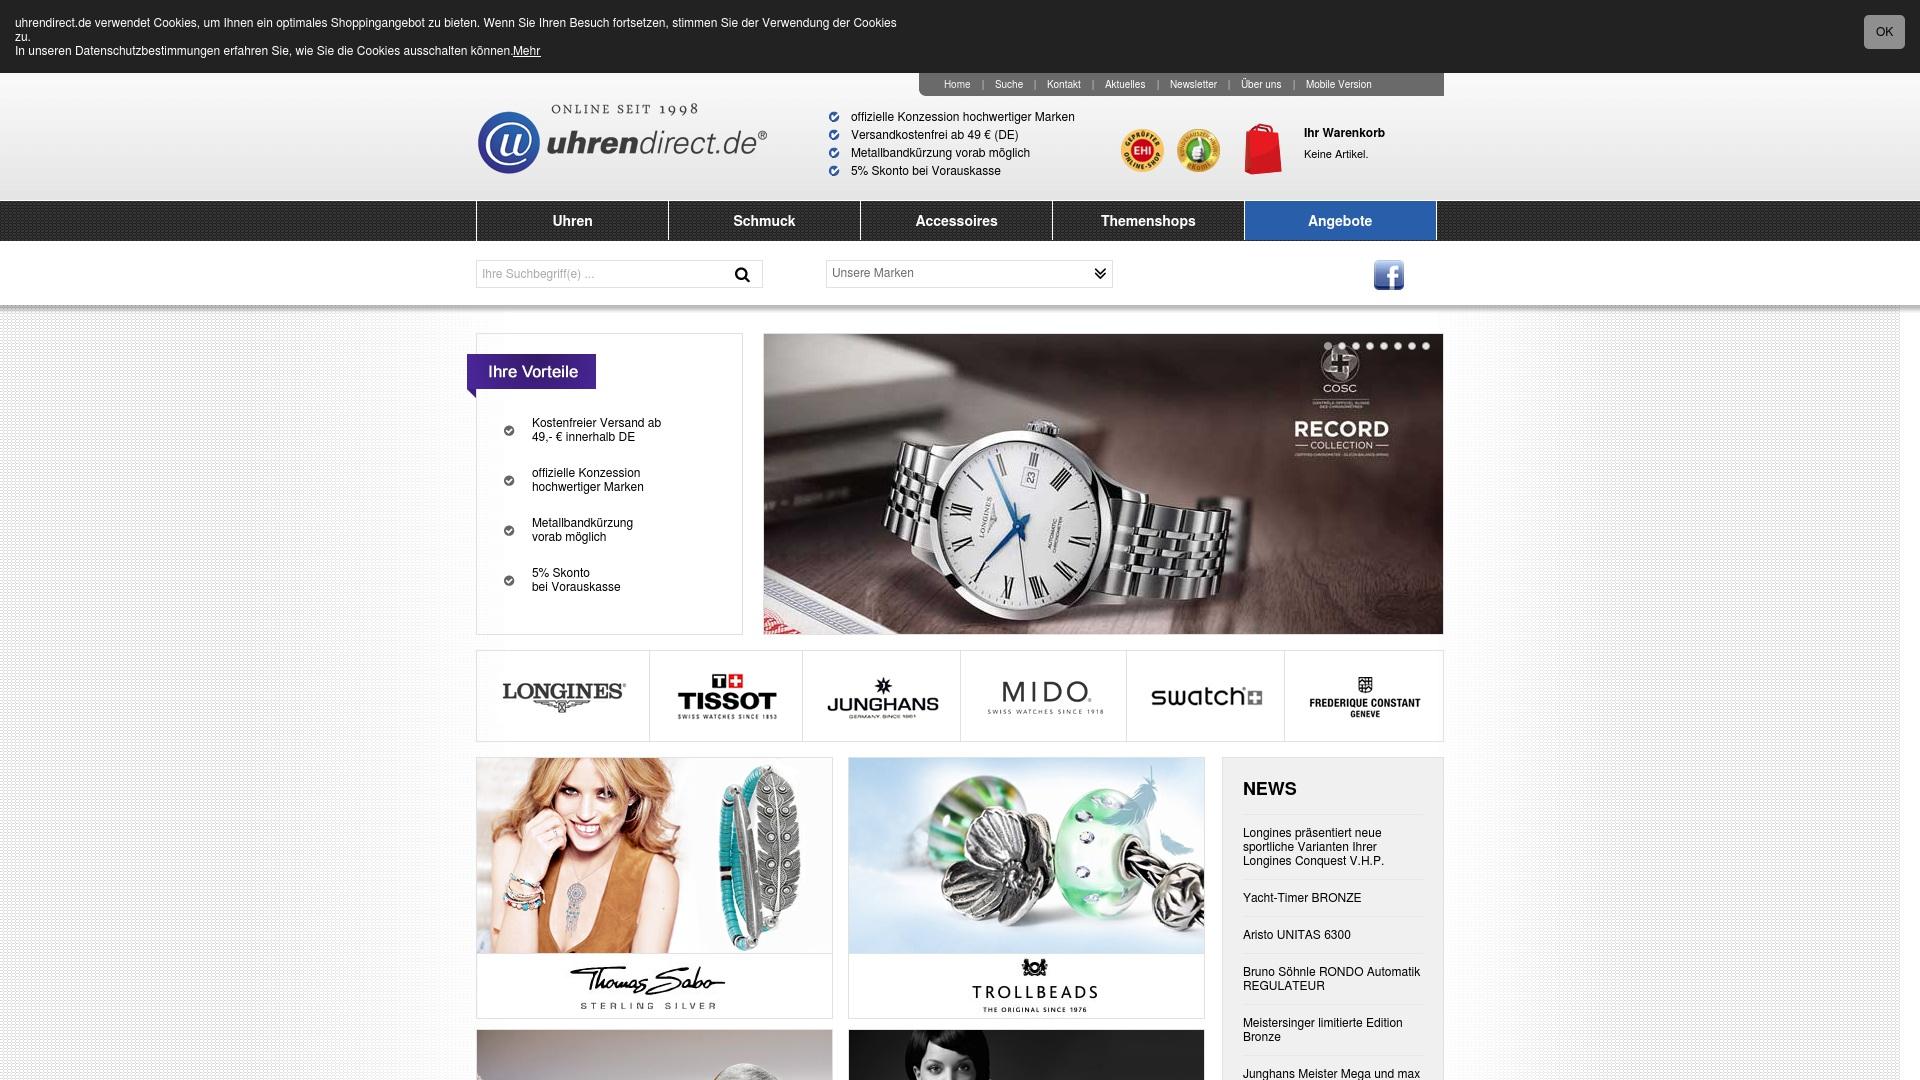 Gutschein für Uhren-direct: Rabatte für  Uhren-direct sichern